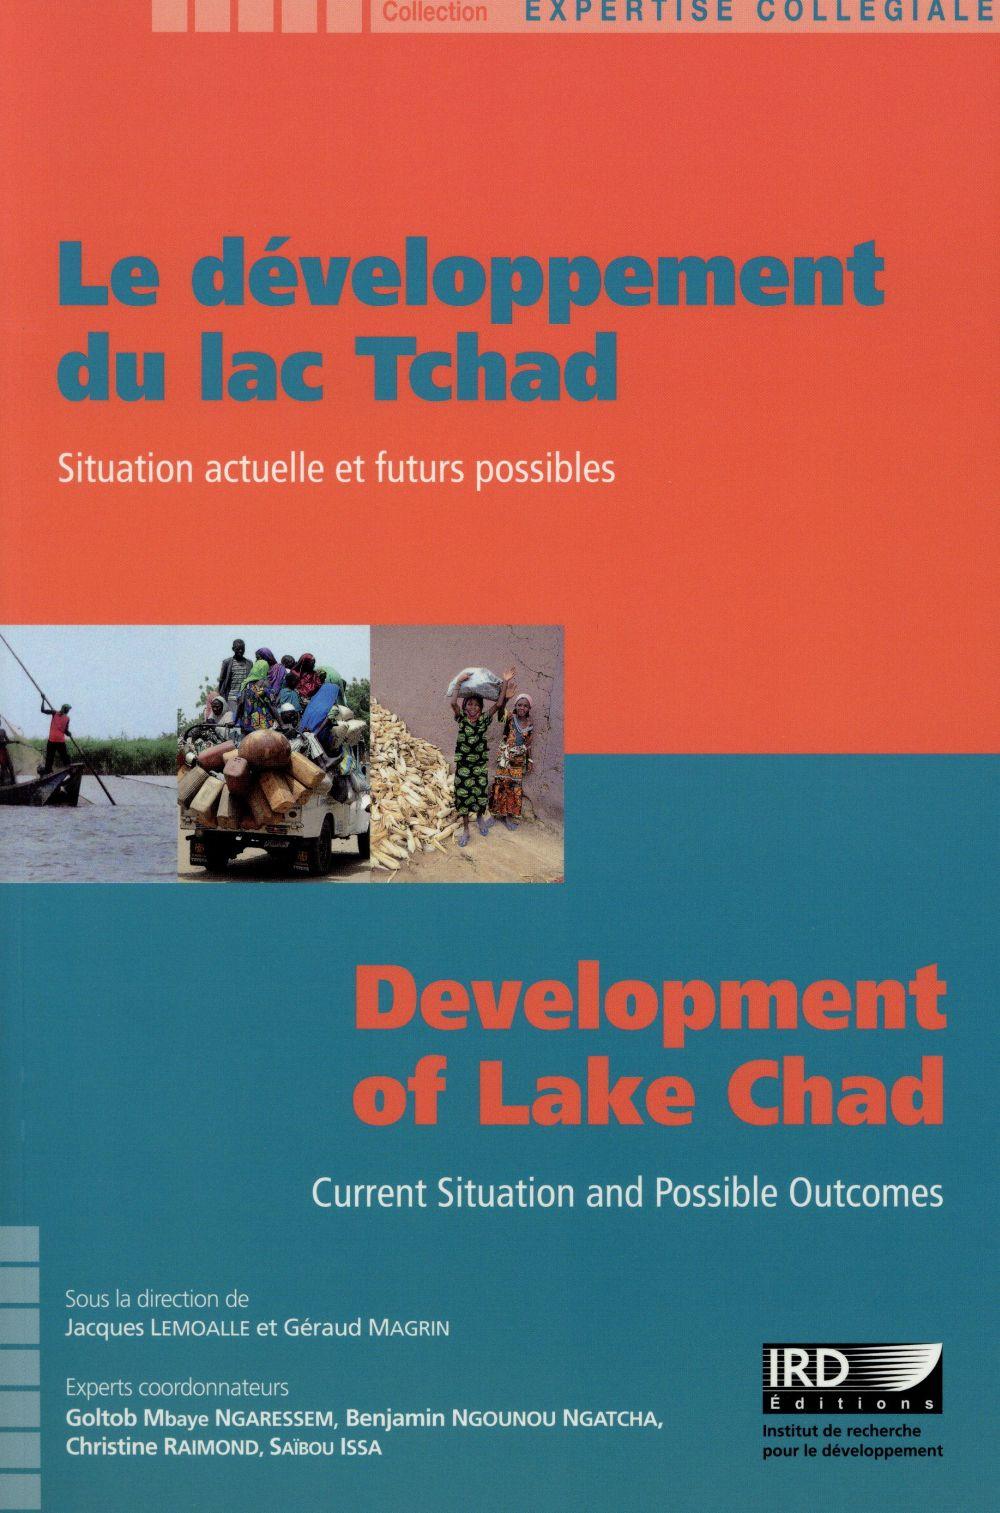 le développement du lac Tchad